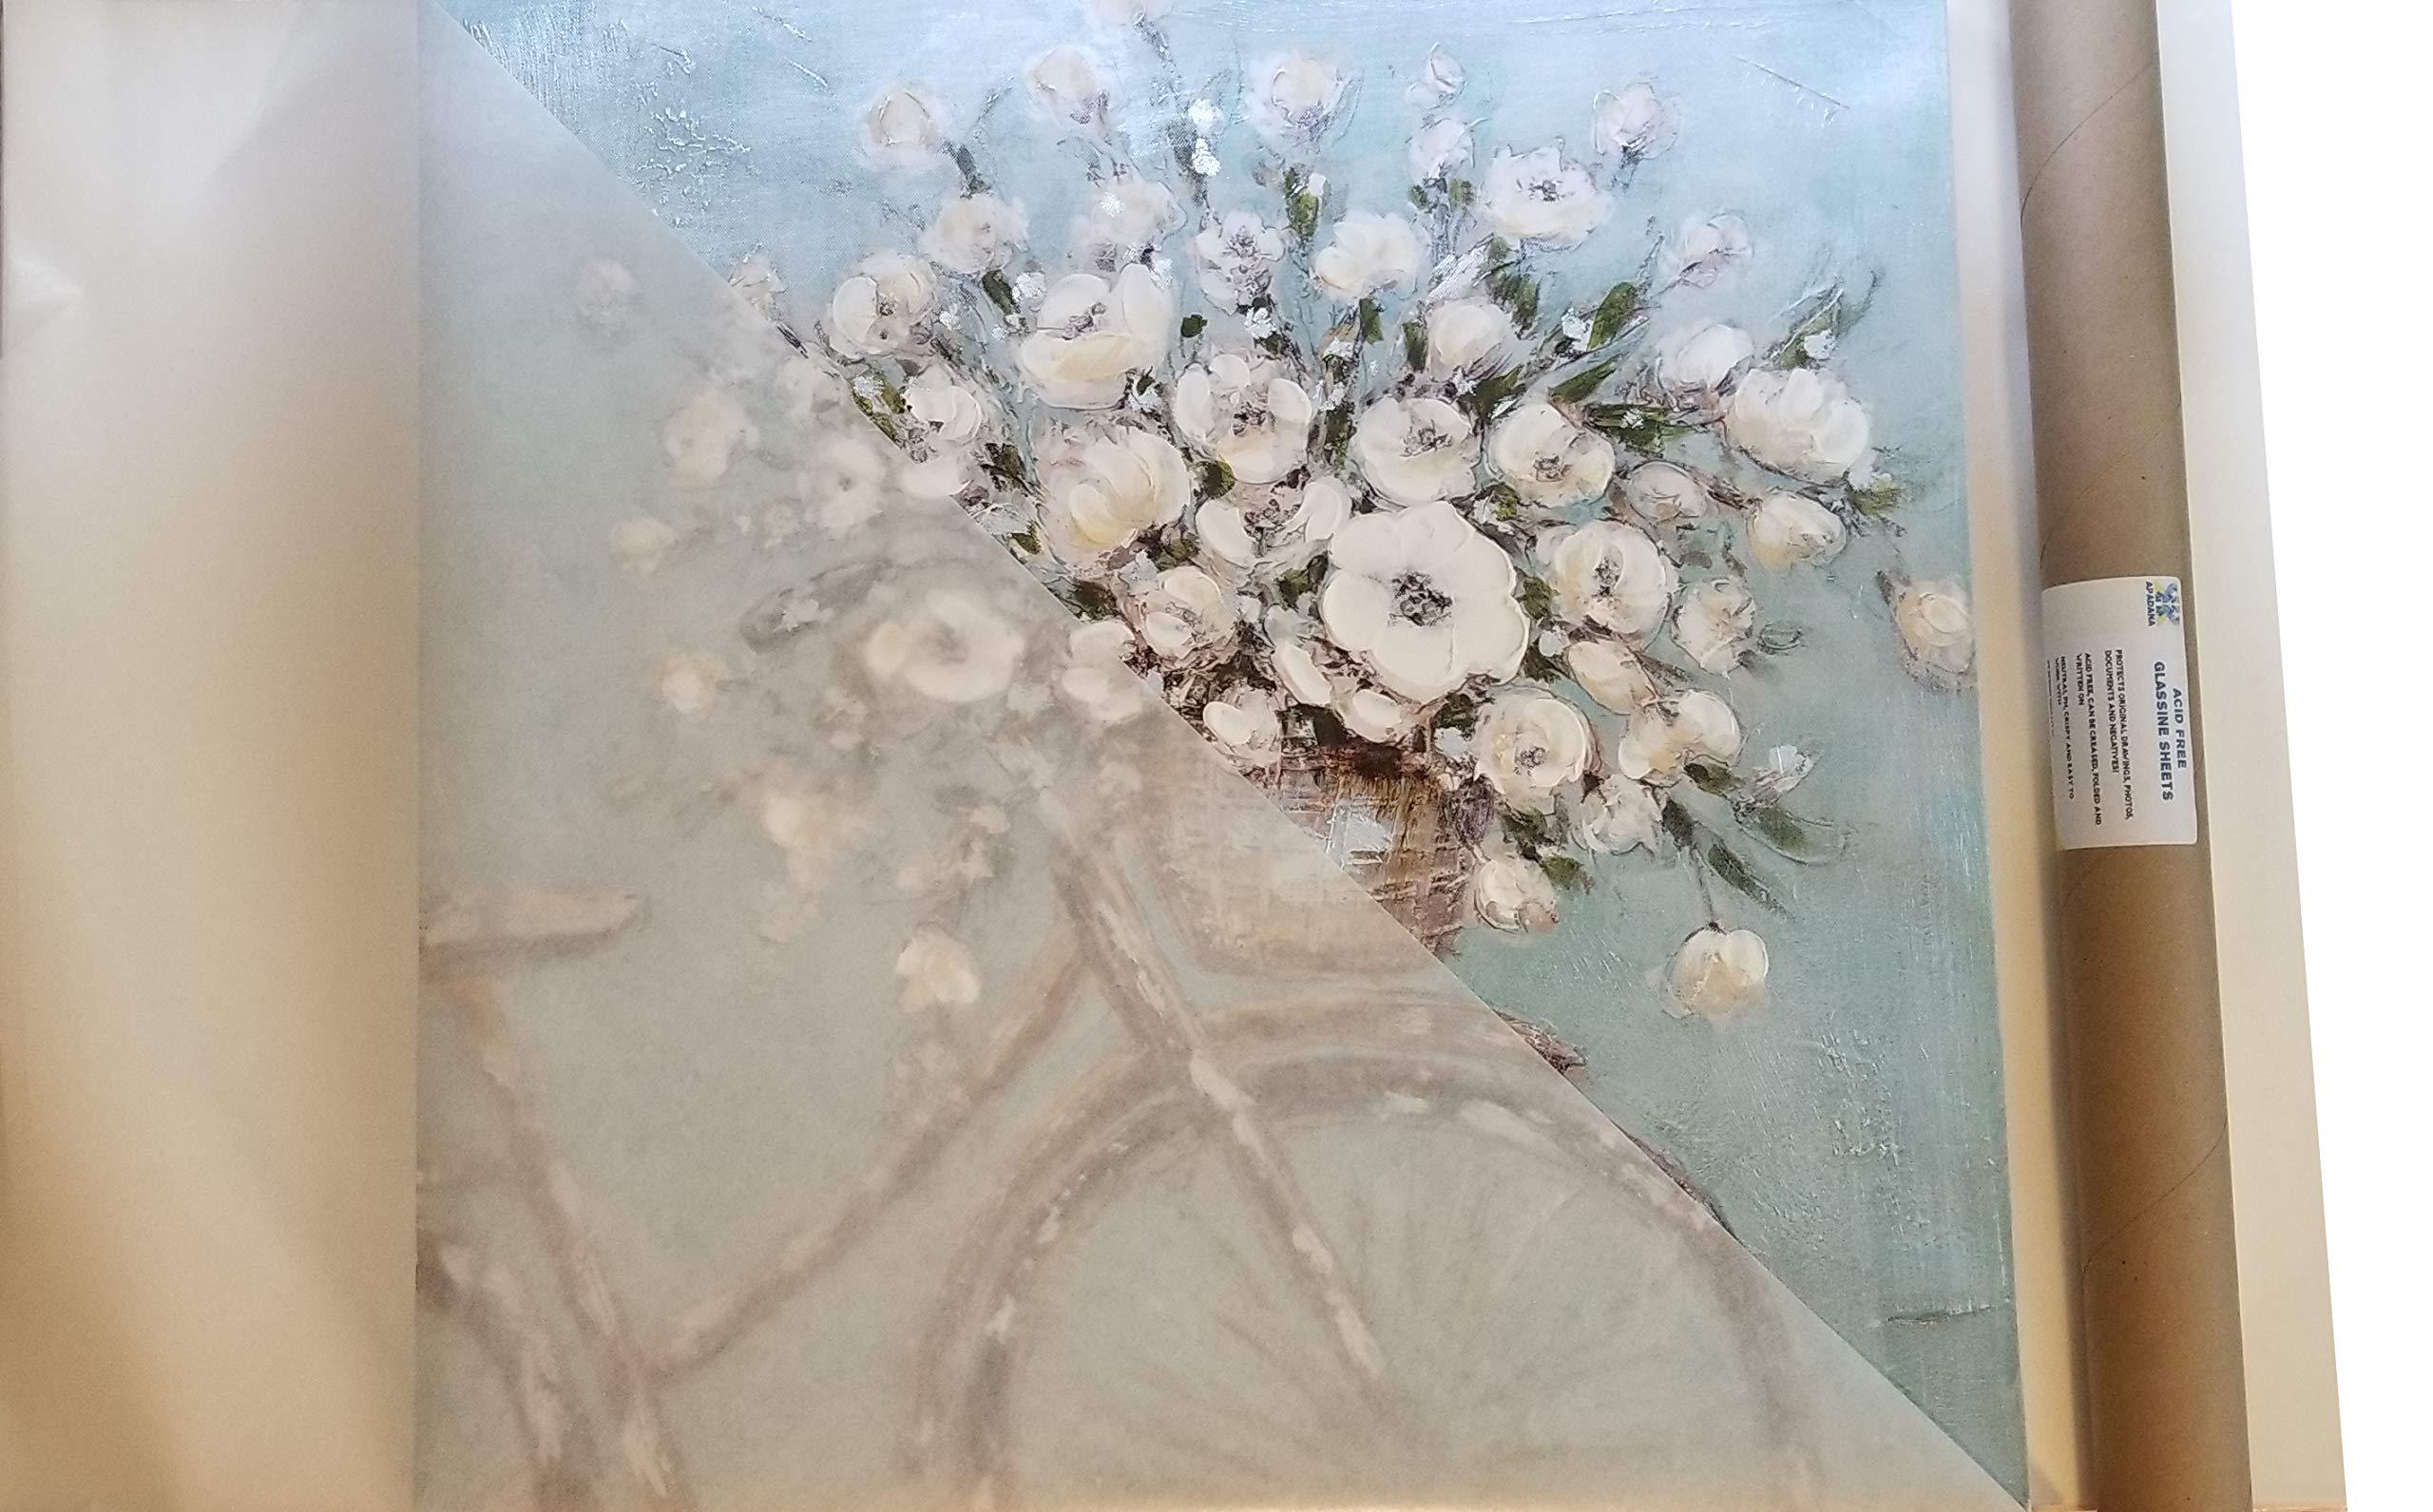 Apadana Acid Free Glassine Paper 25 Sheets 24 x 36 Inches by APADANA